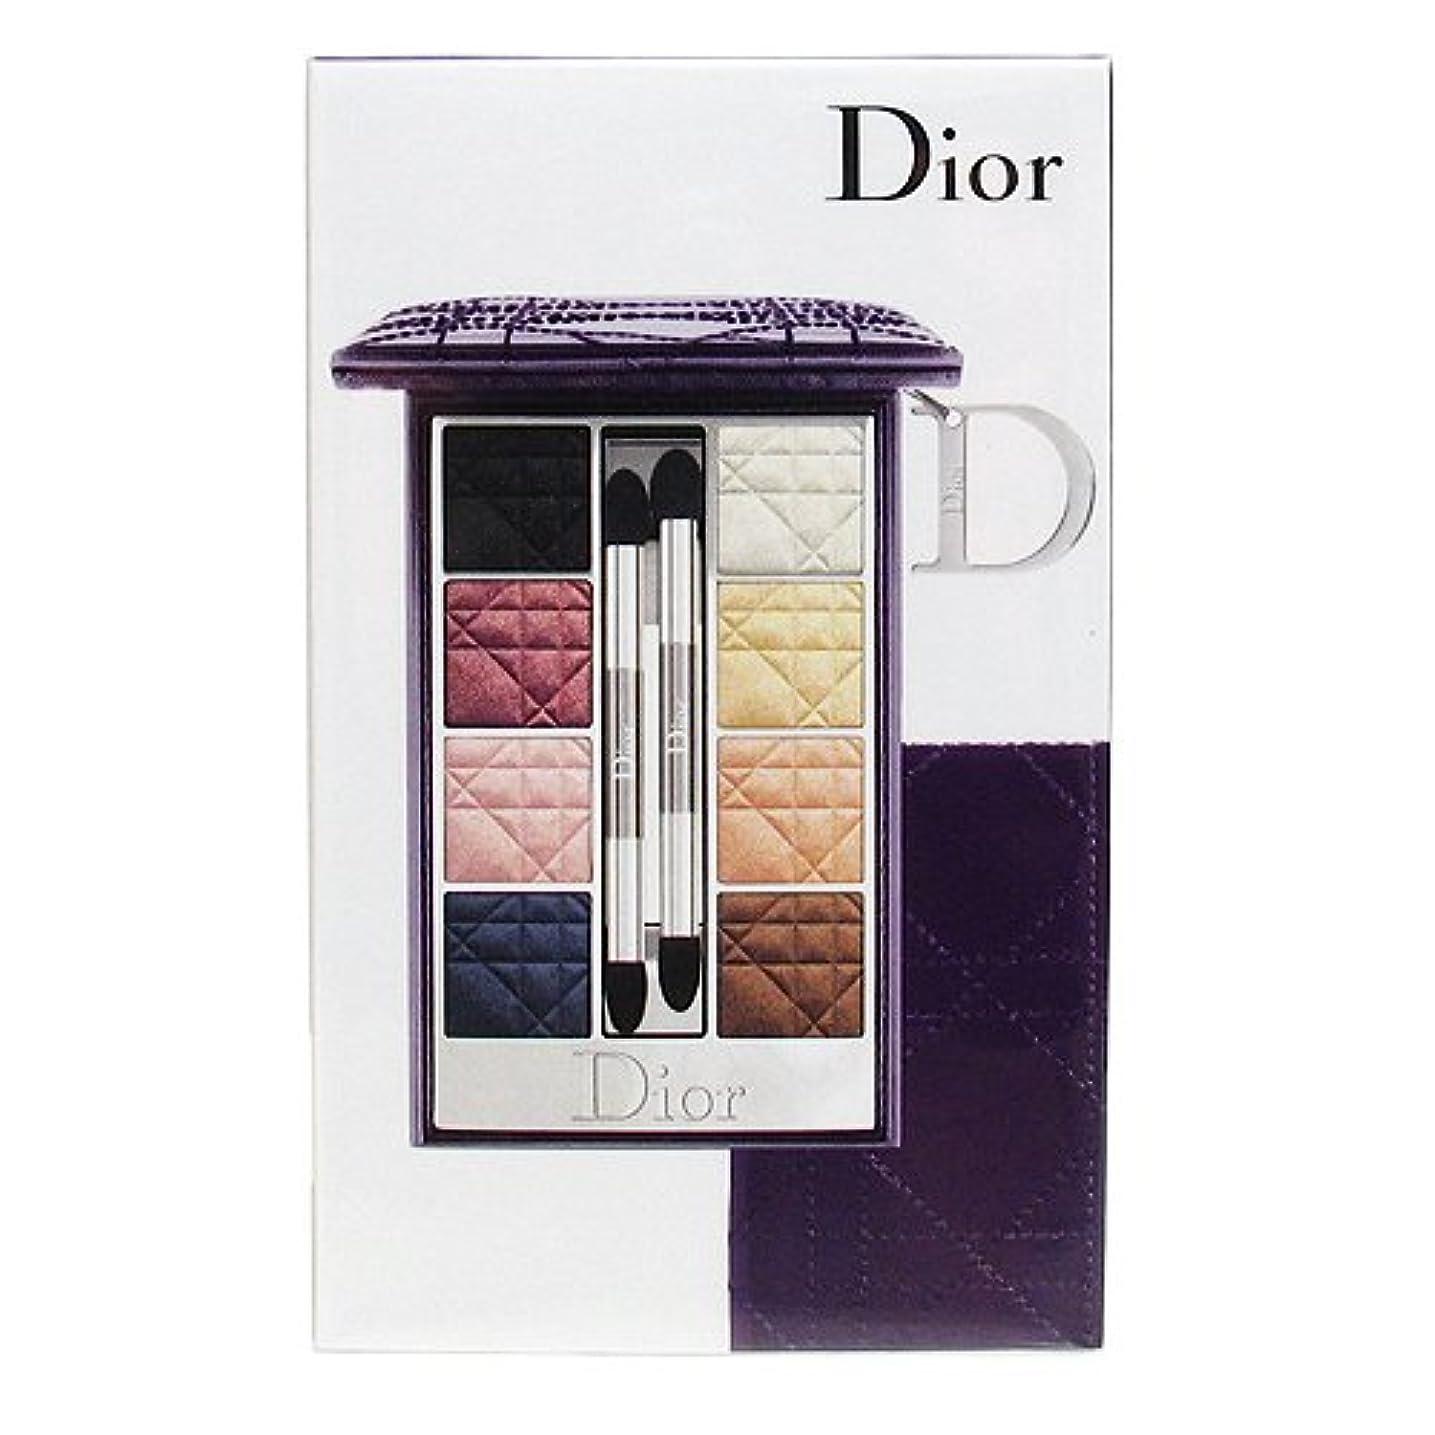 連邦のホスト揮発性クリスチャン ディオール カナージュコレクション アイパレット Christian Dior